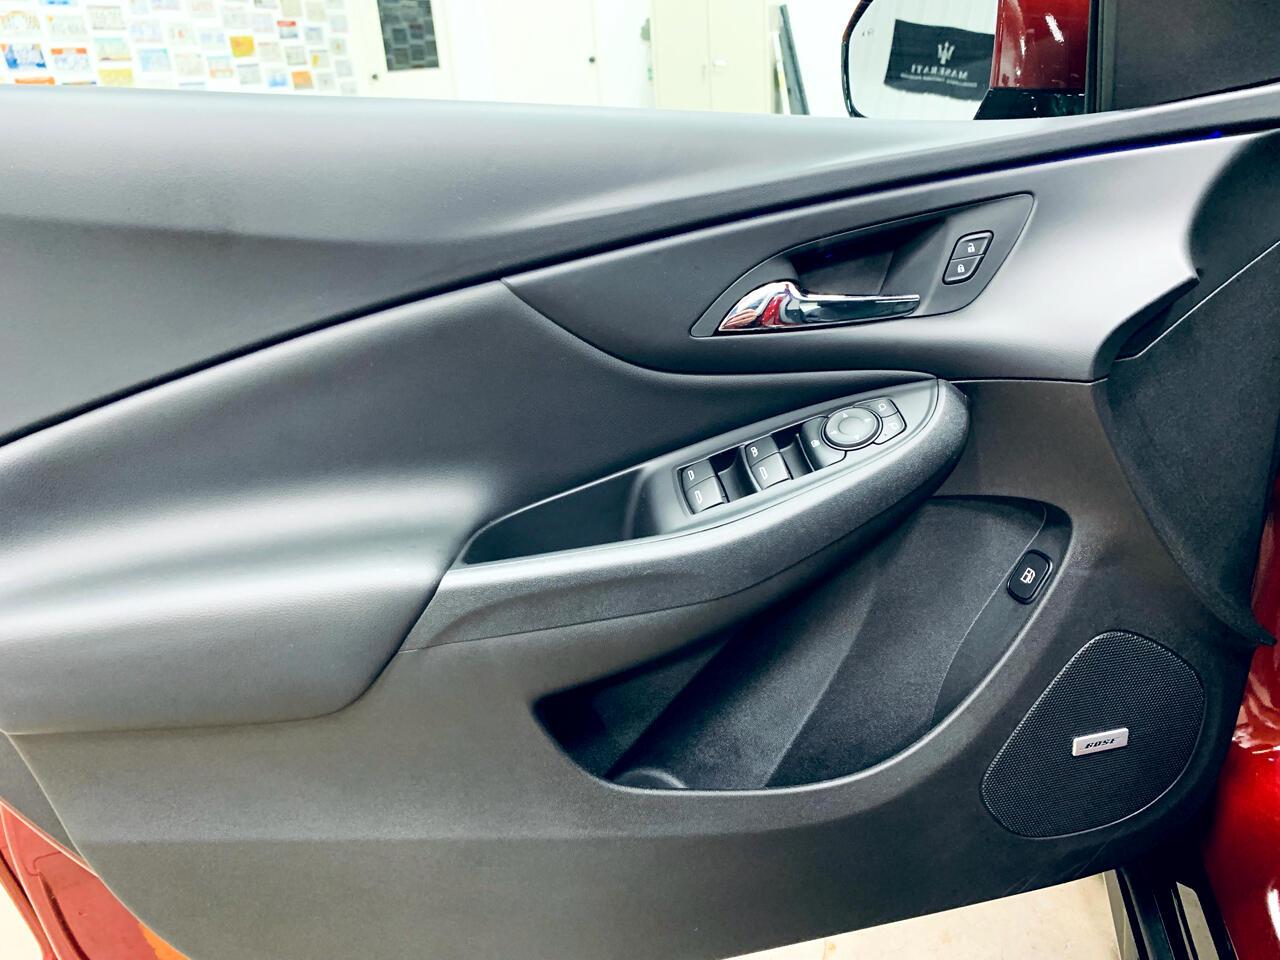 2017 Chevrolet Volt 5dr HB Premier